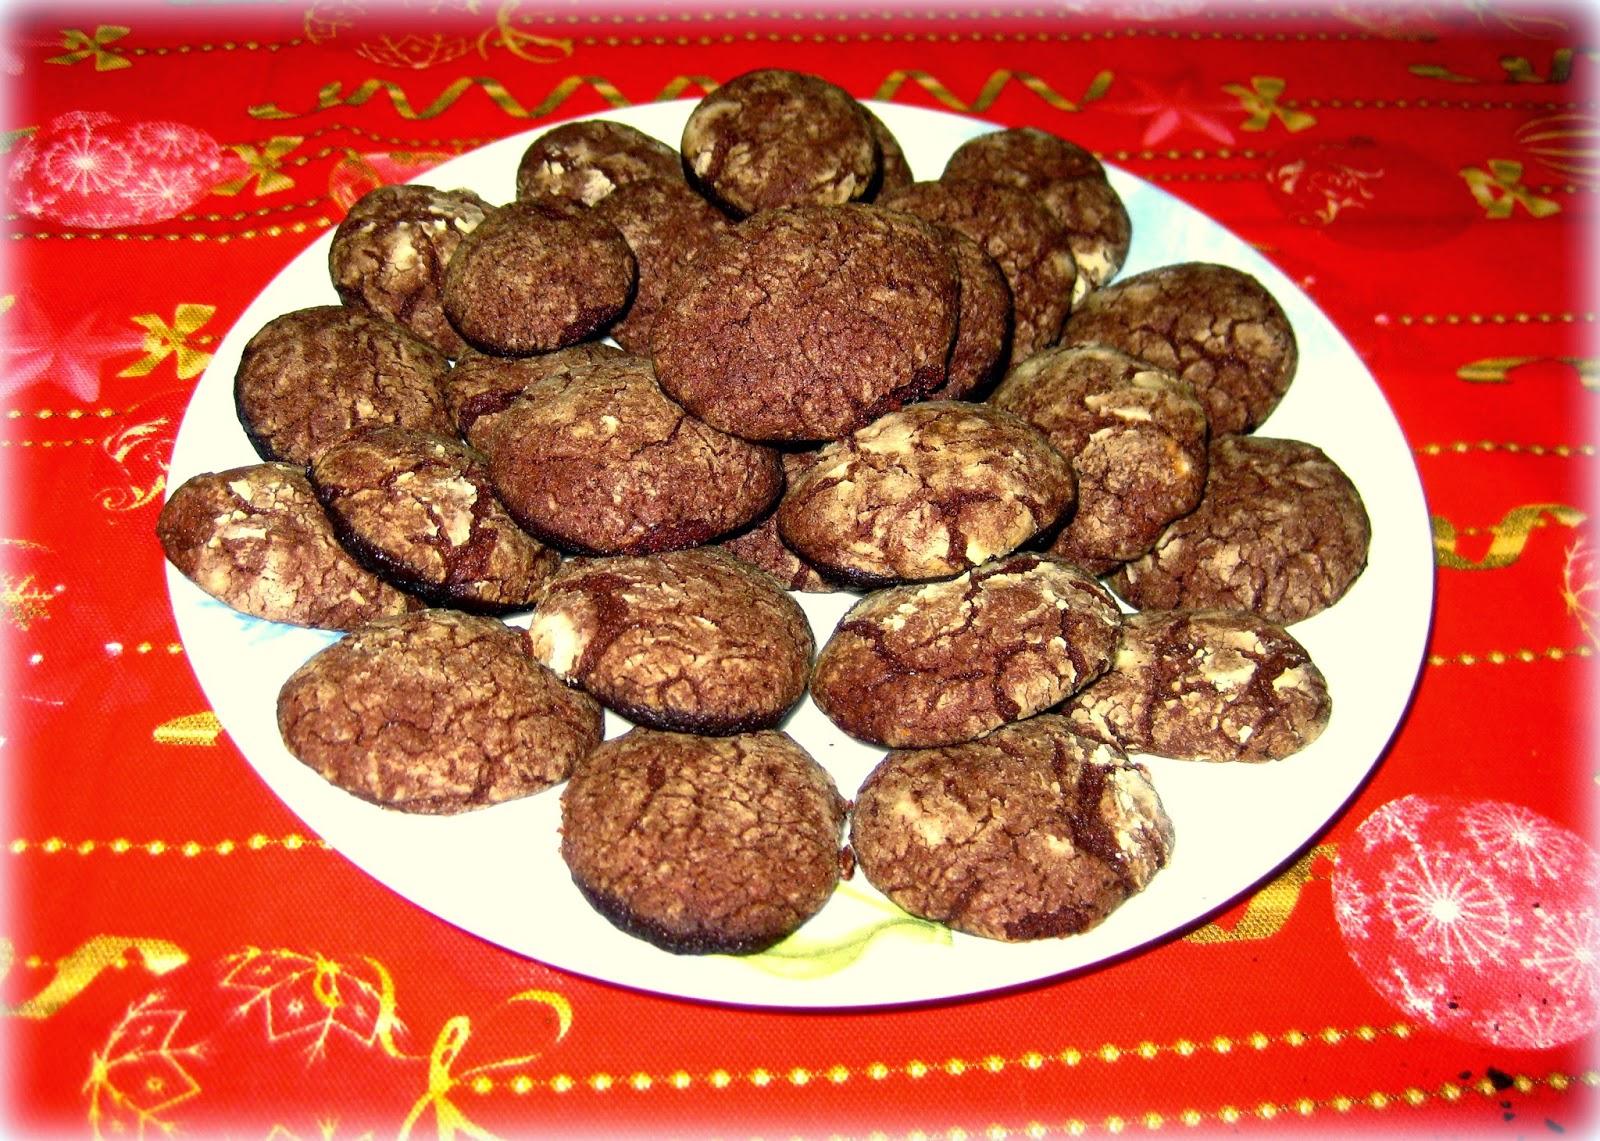 Biscotti al cioccolato - Fragola e Cannella